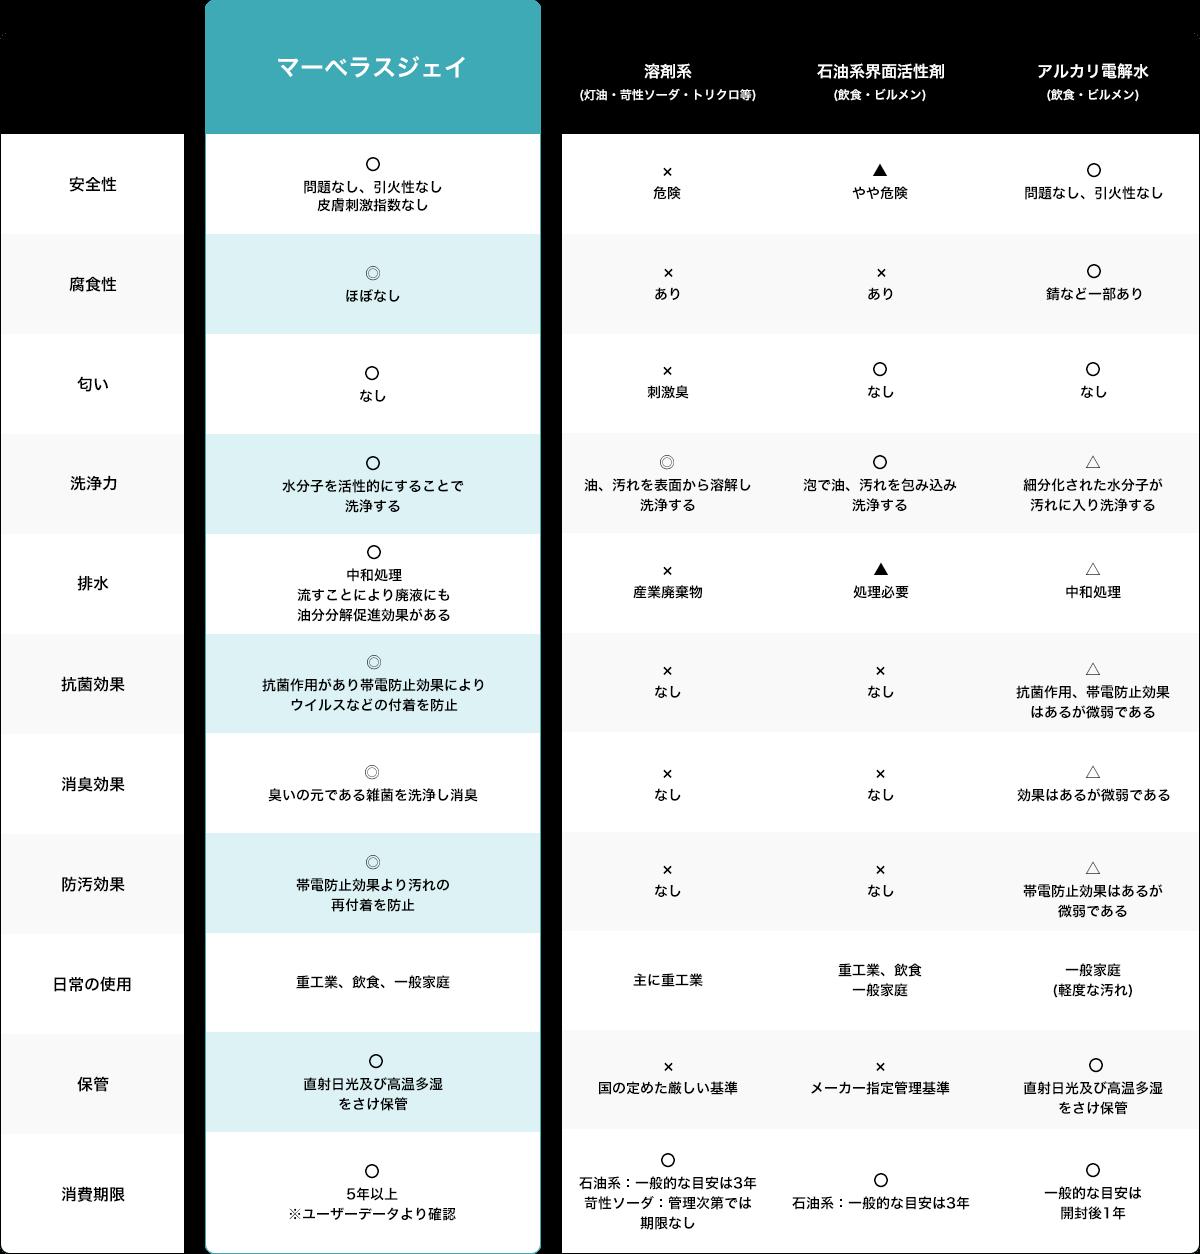 他の洗浄剤との比較